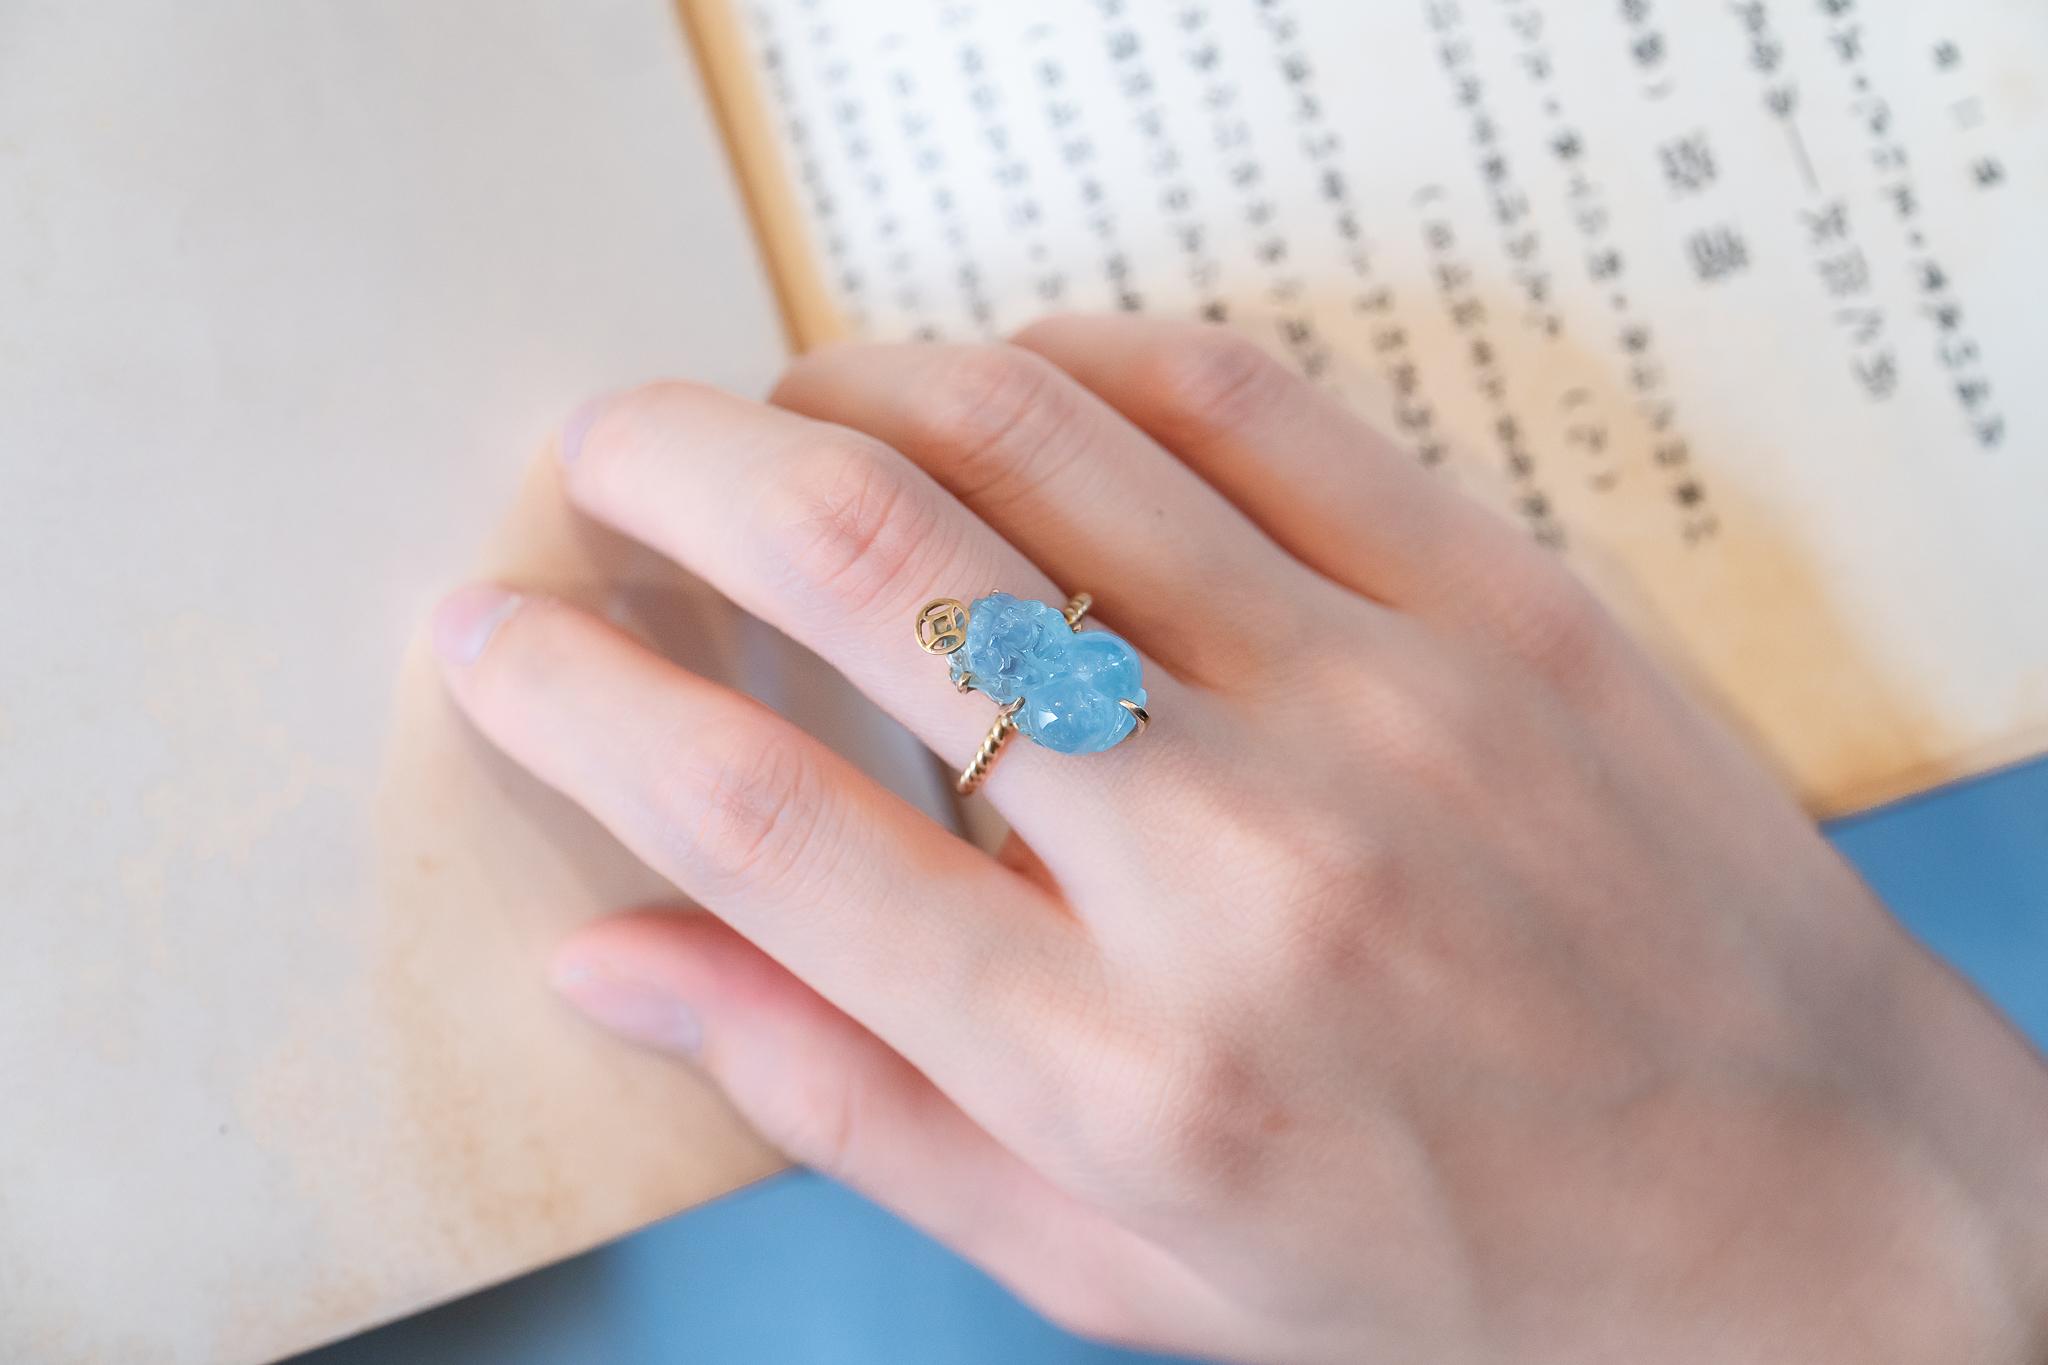 Nhẫn tỳ hưu đá Aquamarine hợp mệnh Thủy